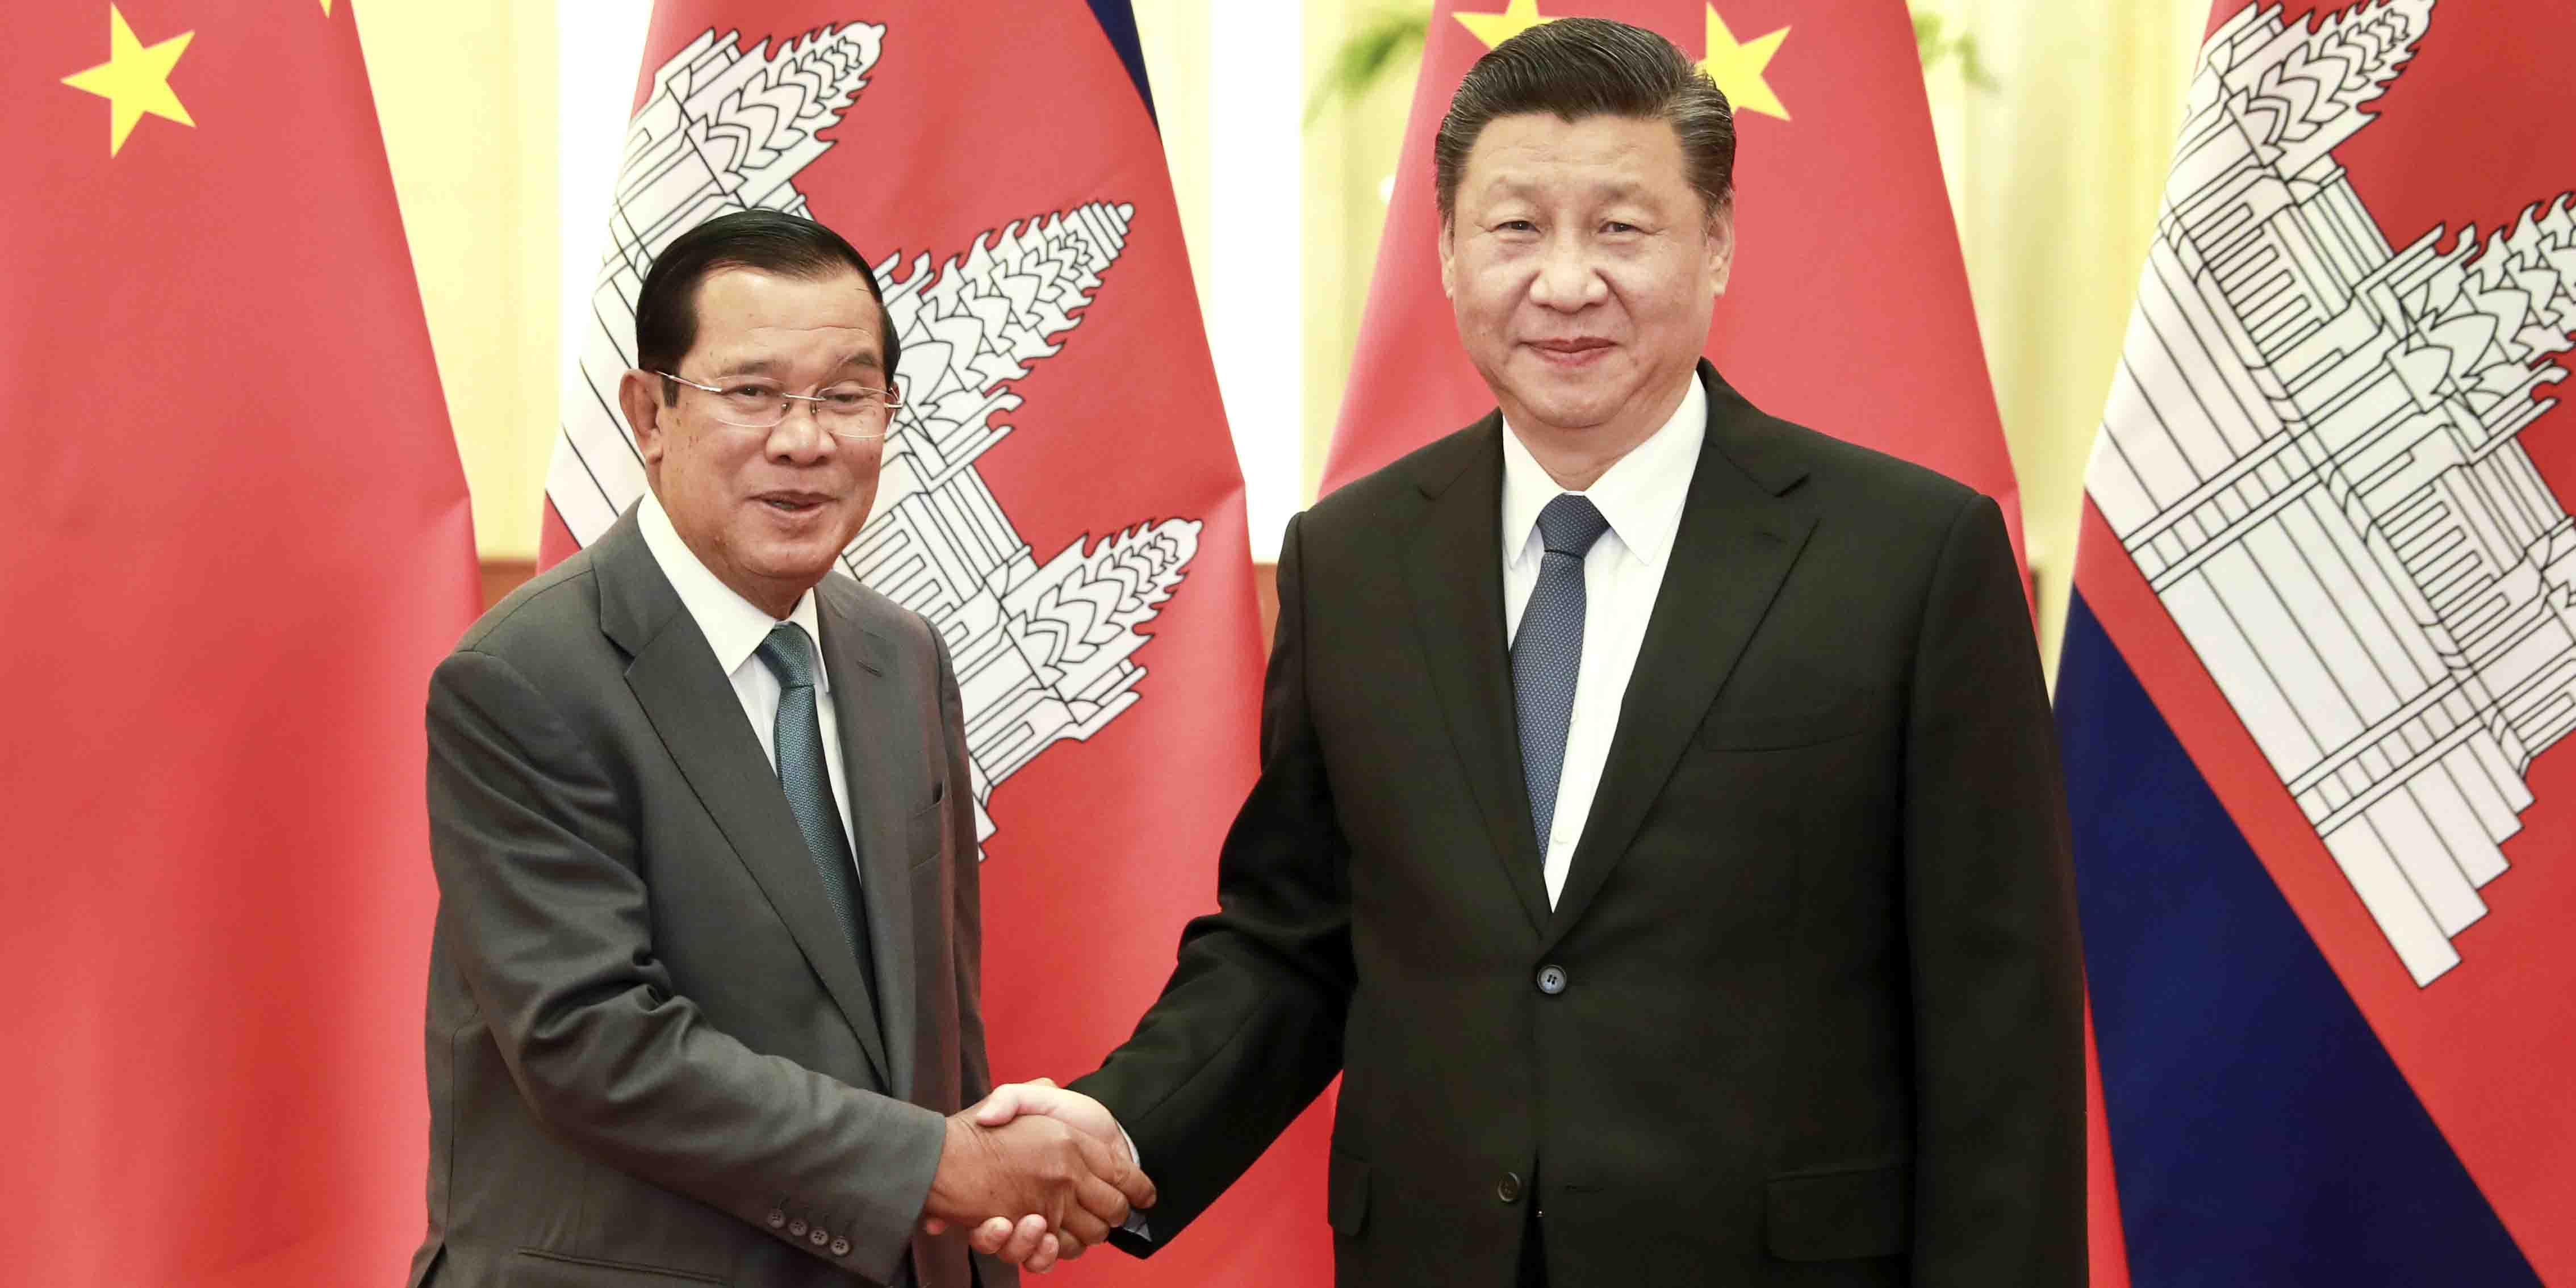 Viagem especial do primeiro-ministro cambojano à China demonstra amizade inquebrável, diz Xi